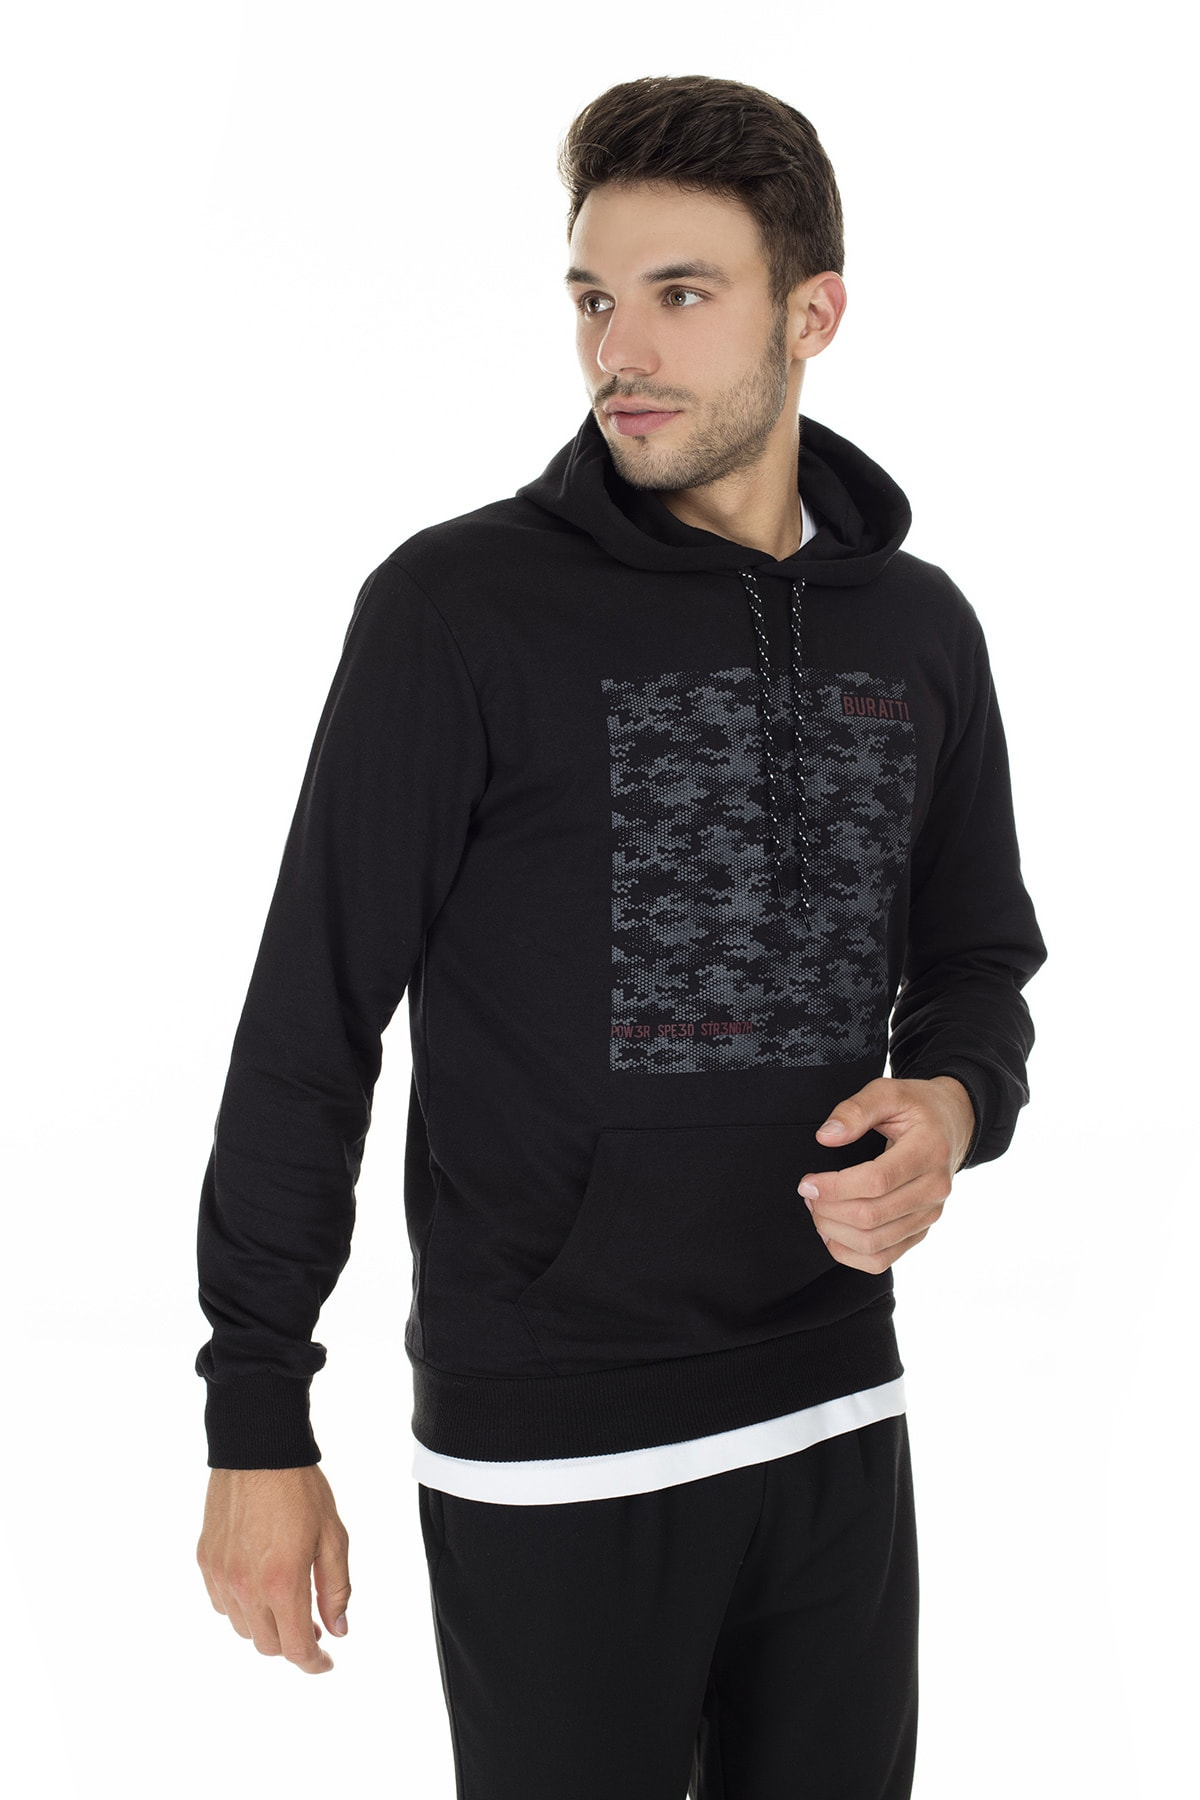 Buratti Erkek SİYAH Ön Beden Baskılı Kapüşonlu Cepli Standart Fit Sweatshirt 541BURATTI 1